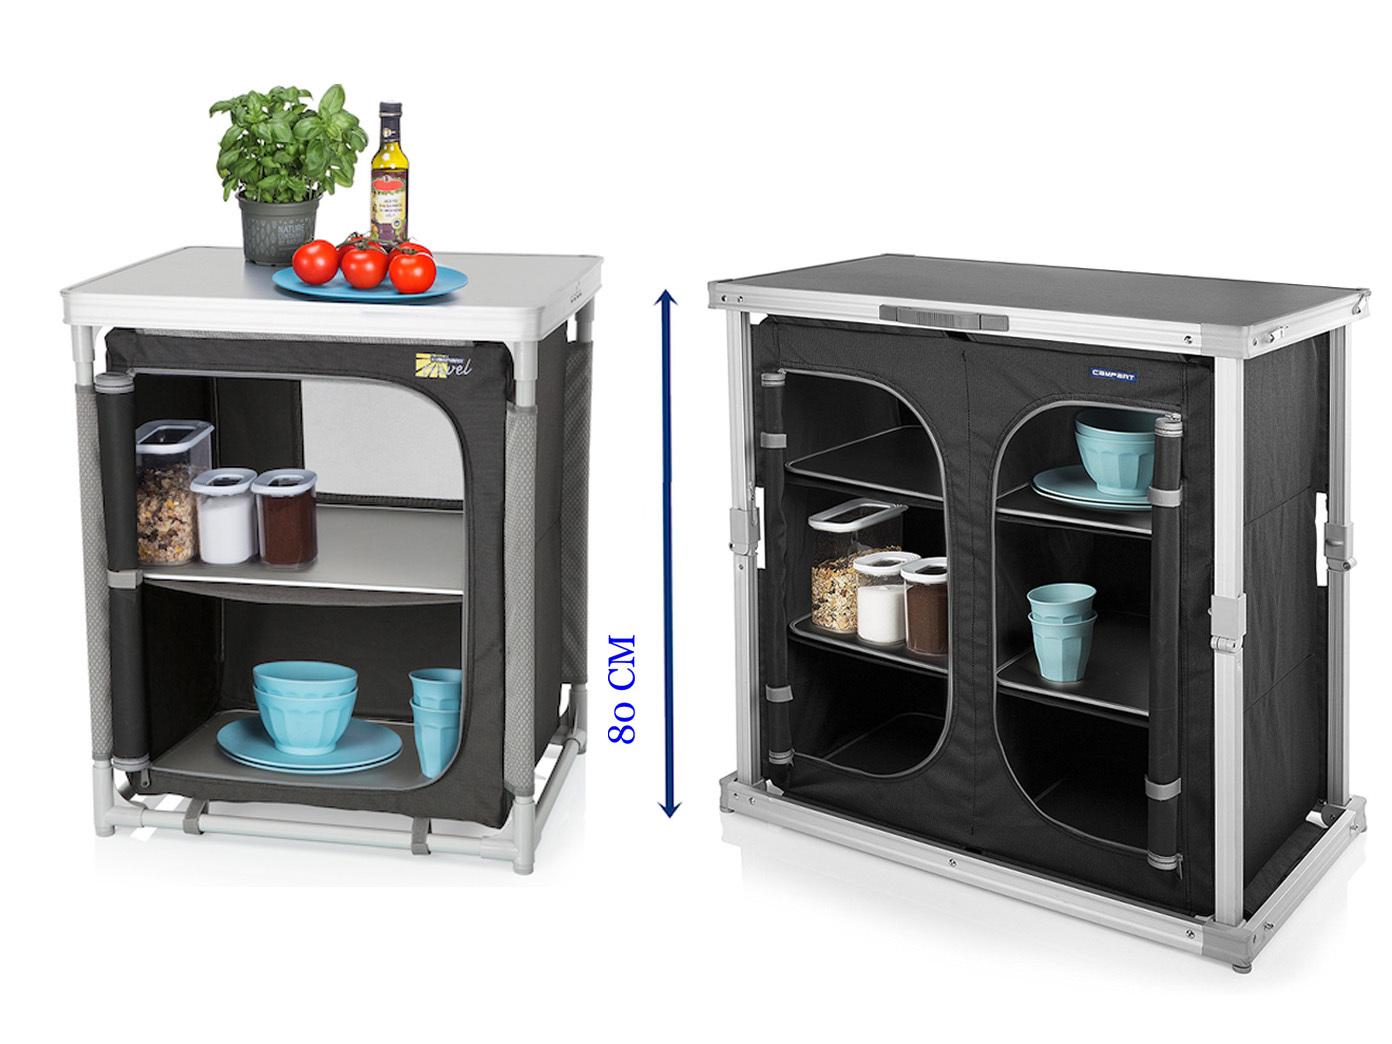 Outdoorküche Klappbar Netz : Ikea campingküche start zeyko küchen moderano küche kinderleichte